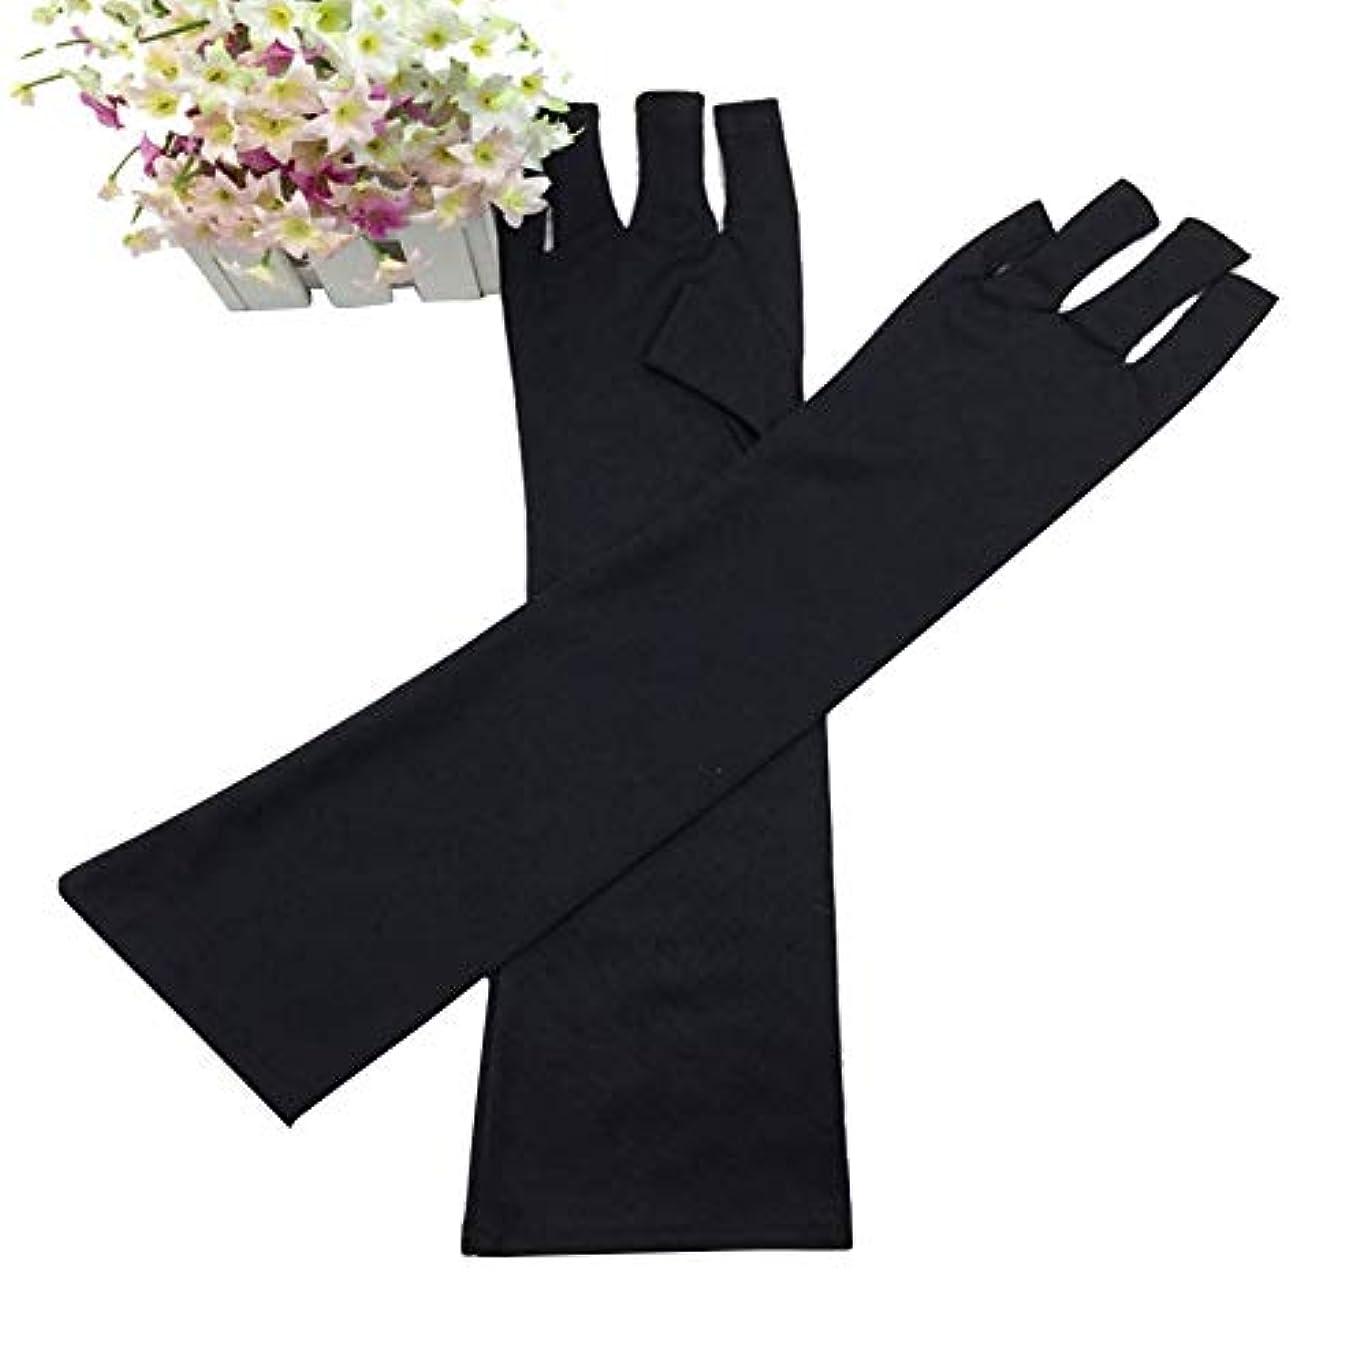 呼吸正確に荒野slQinjiansavネイルアート&ツール手袋UV光ランプ放射線保護手袋ハンドレストマニキュアネイルアートツール - ブラック